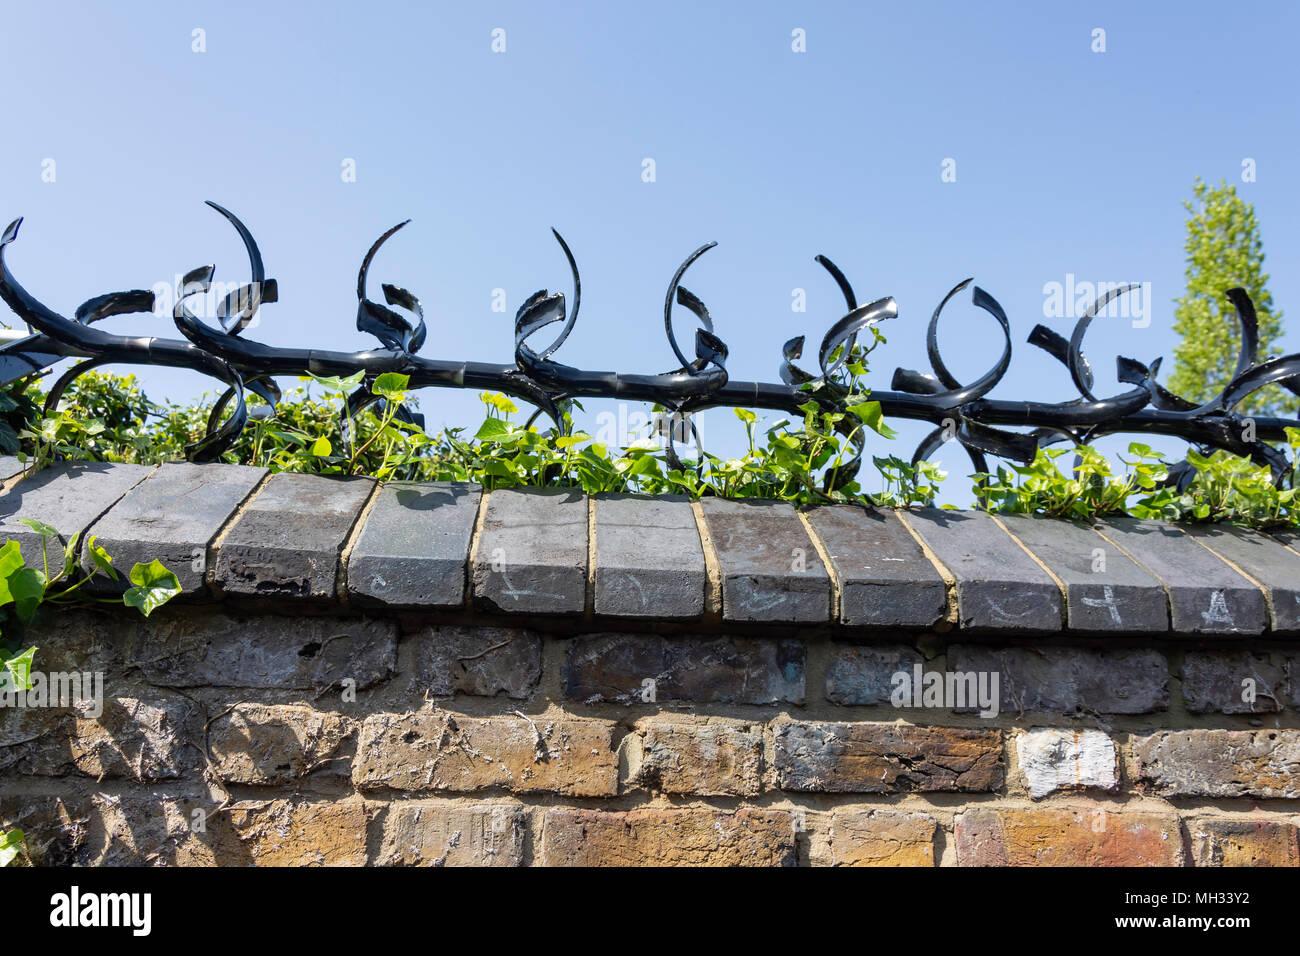 Metall Sicherheit Spikes auf Garten Wand, Chiswick, London Borough von Hounslow, Greater London, England, Vereinigtes Königreich Stockbild